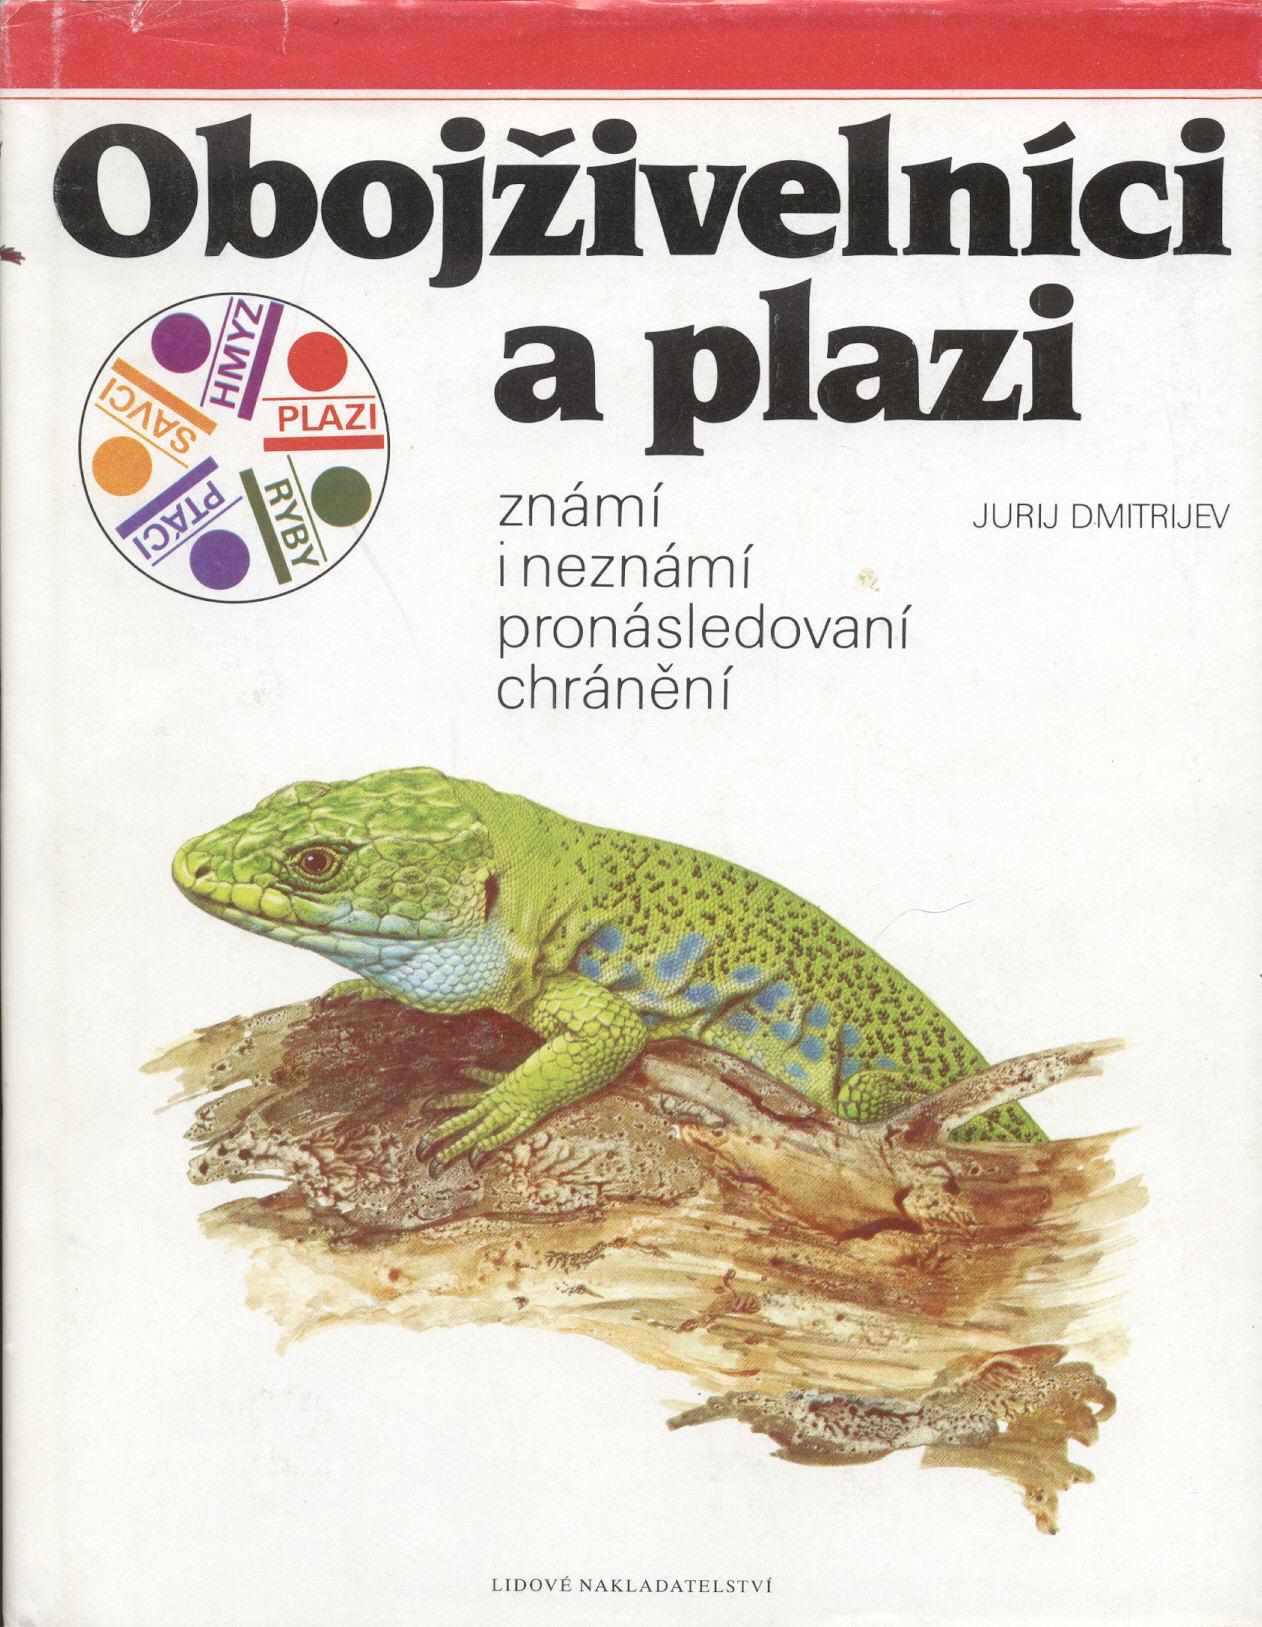 Obojživelníci a plazi známí i neznámí, pronásledovaní i chránění - J. Dmitrijev